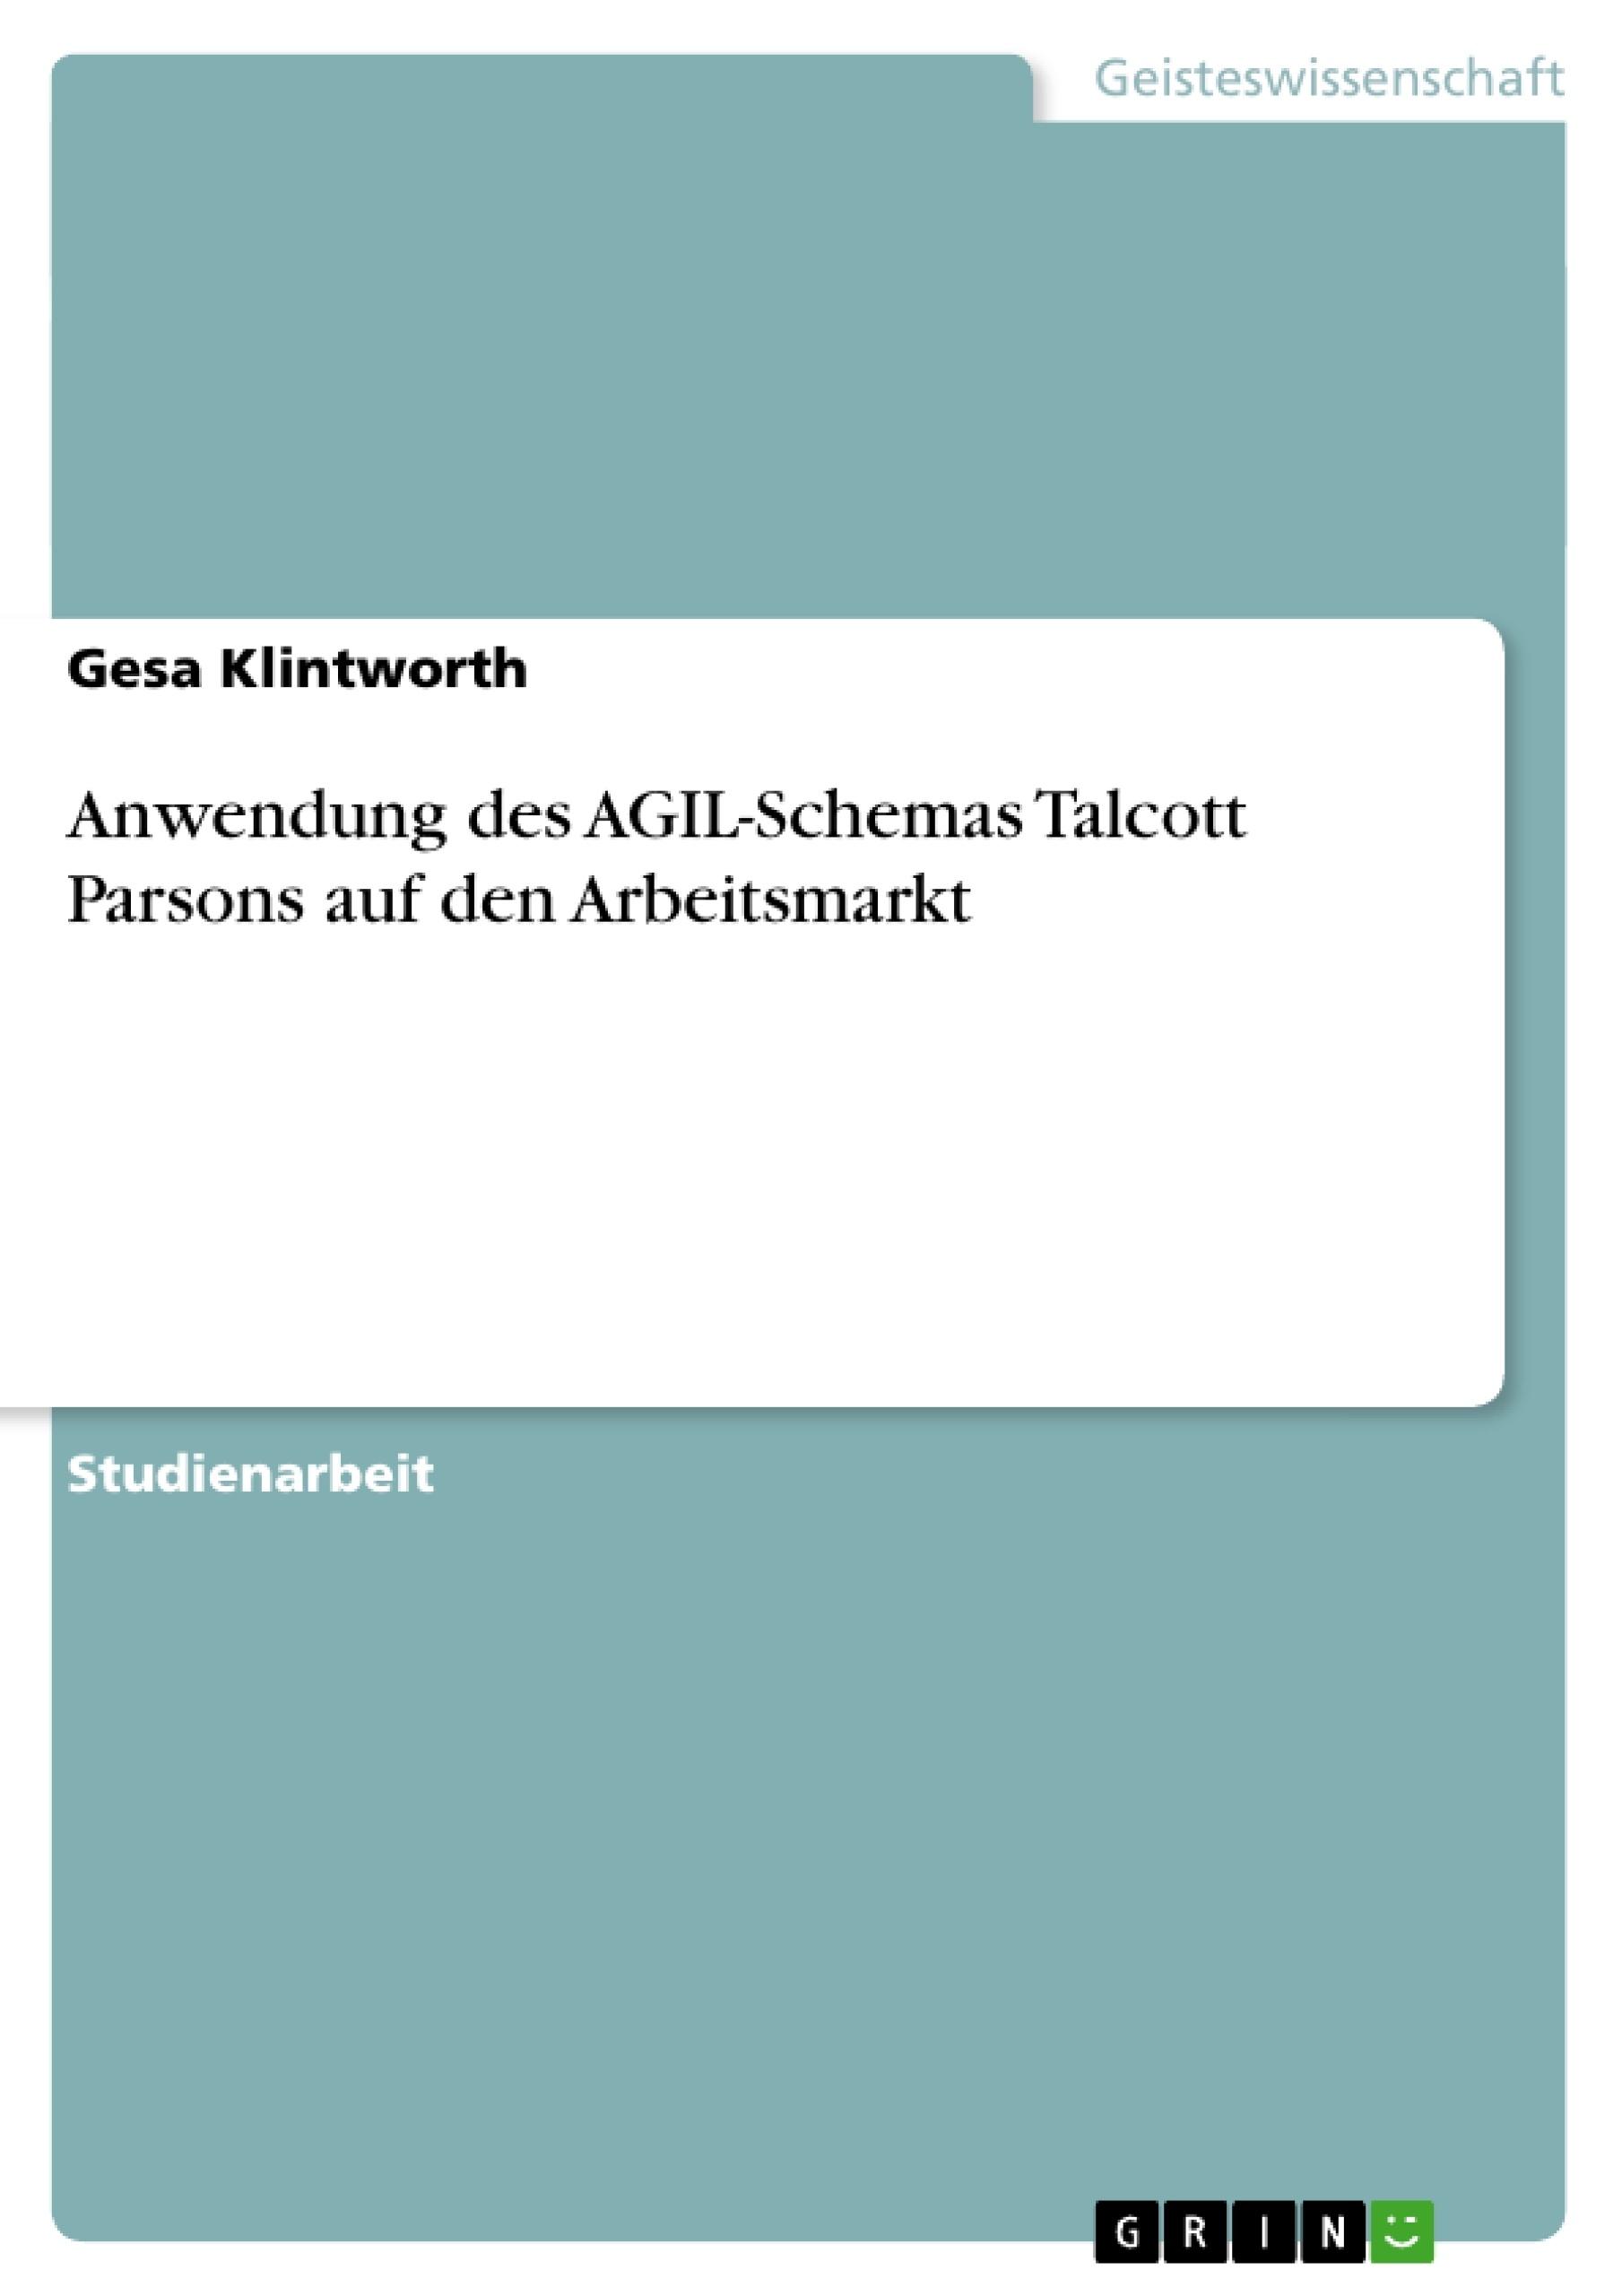 Titel: Anwendung des AGIL-Schemas Talcott Parsons auf den Arbeitsmarkt